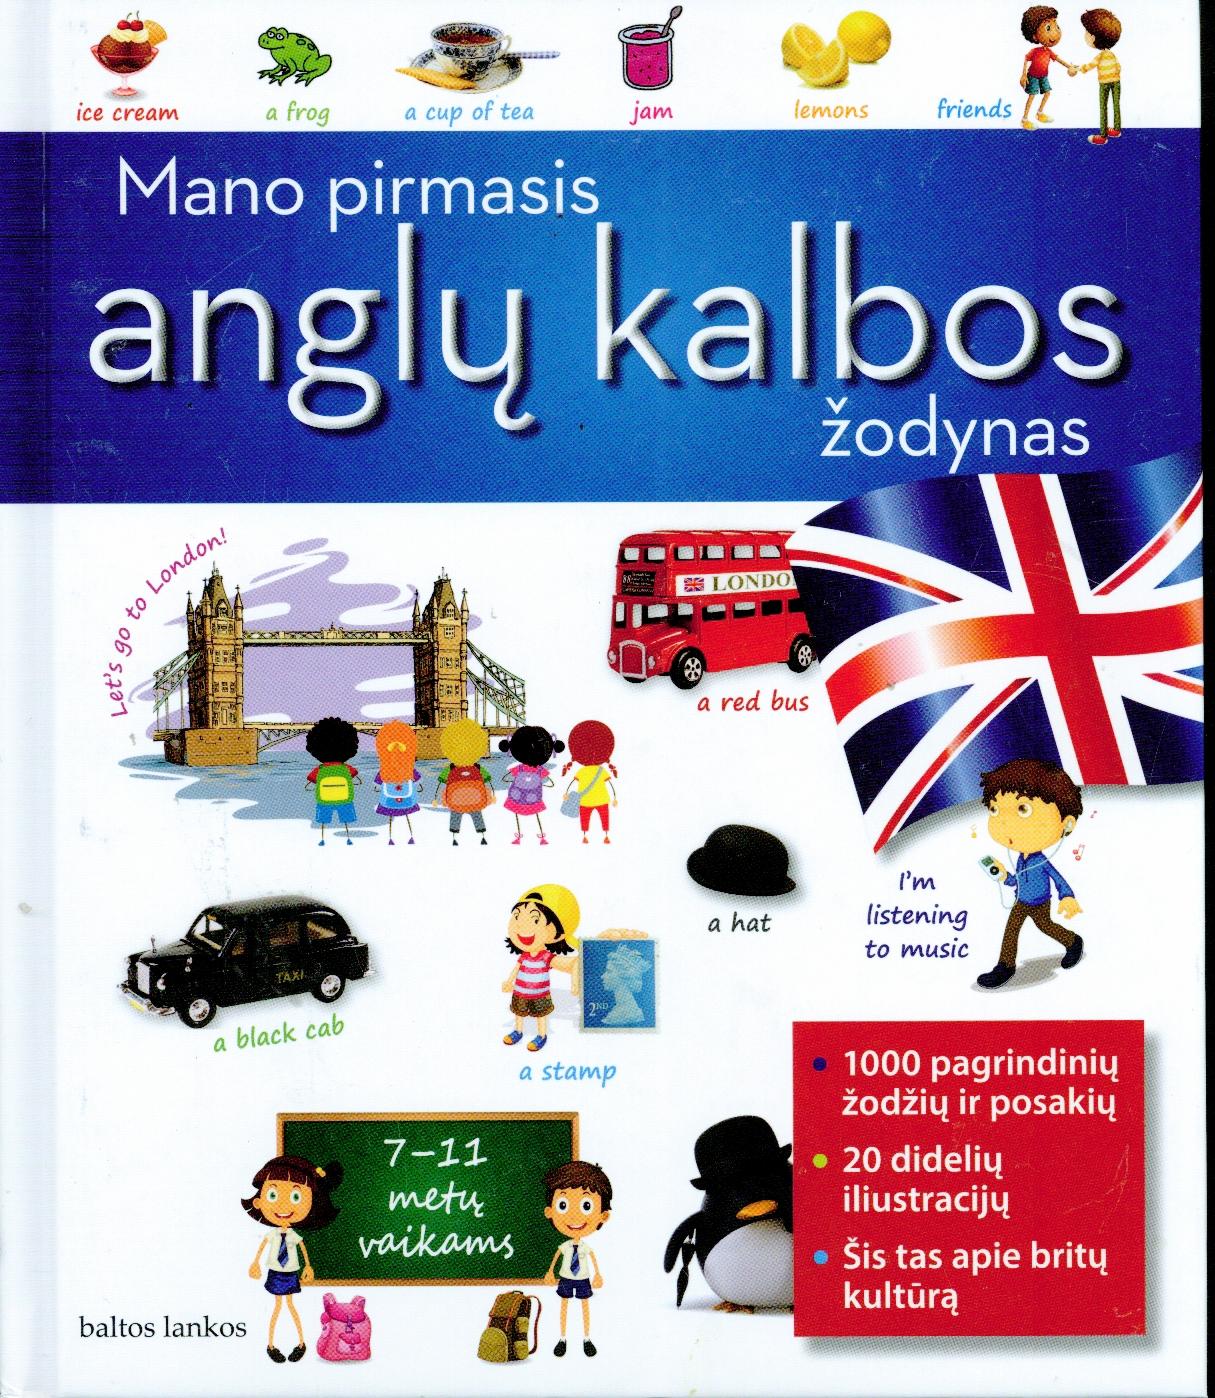 Mano pirmasis anglų kalbos žodynas